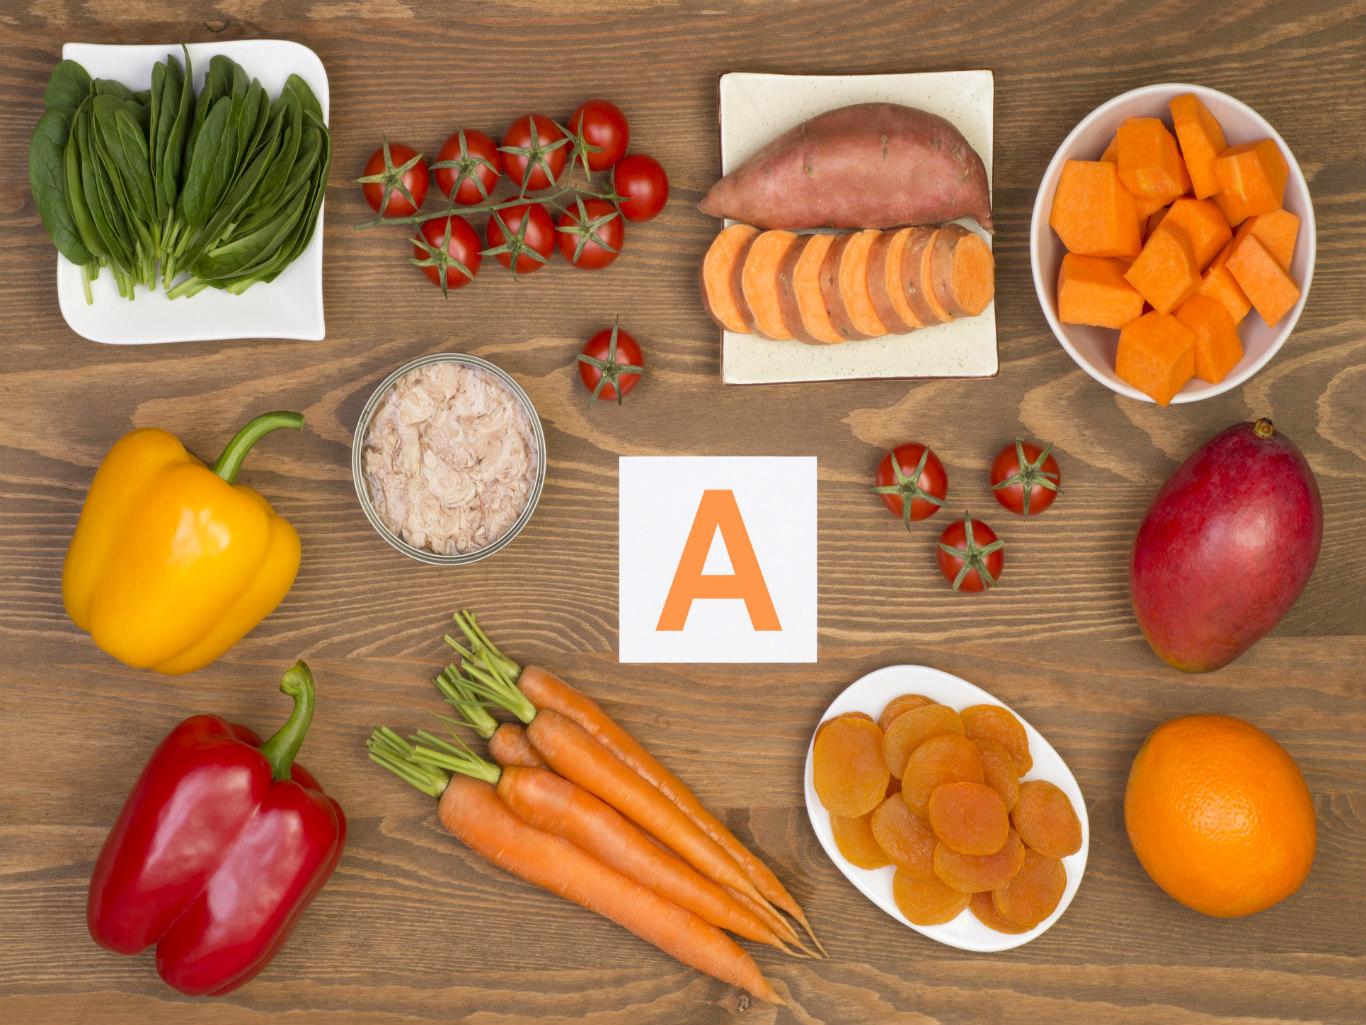 Не стоит забывать, что витамин А намного лучше усваивается в совокупности с животными жирами